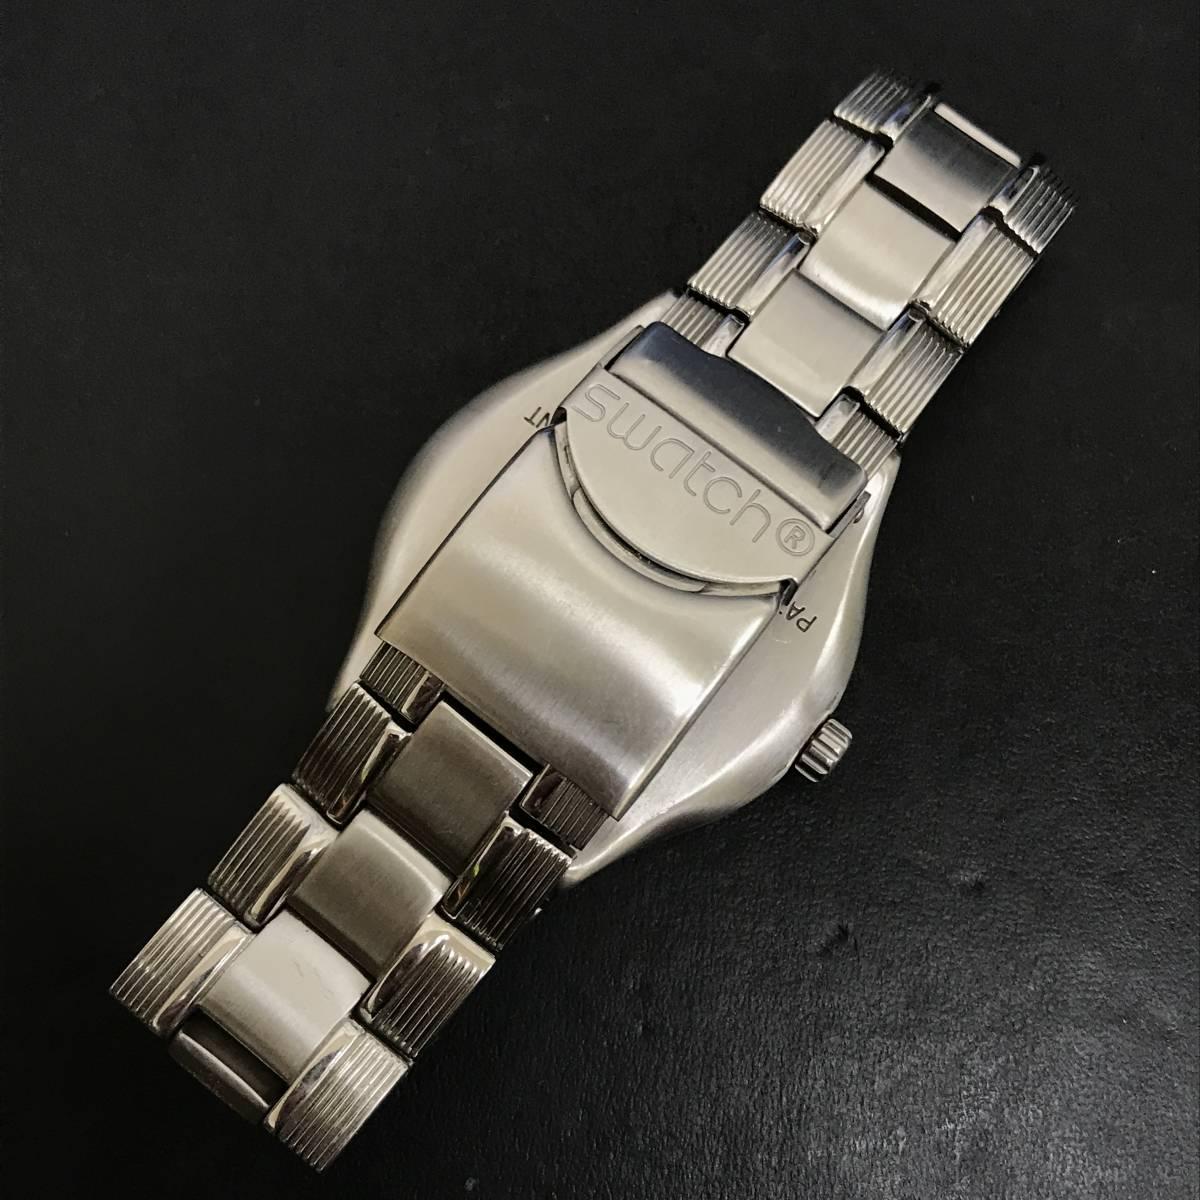 1円~■Swatch スウォッチ 腕時計 アイロニー IRONY 40mm YPS418GPU デイト クォーツ ステンレス 可動品 ケース 取説 保証書付_画像5